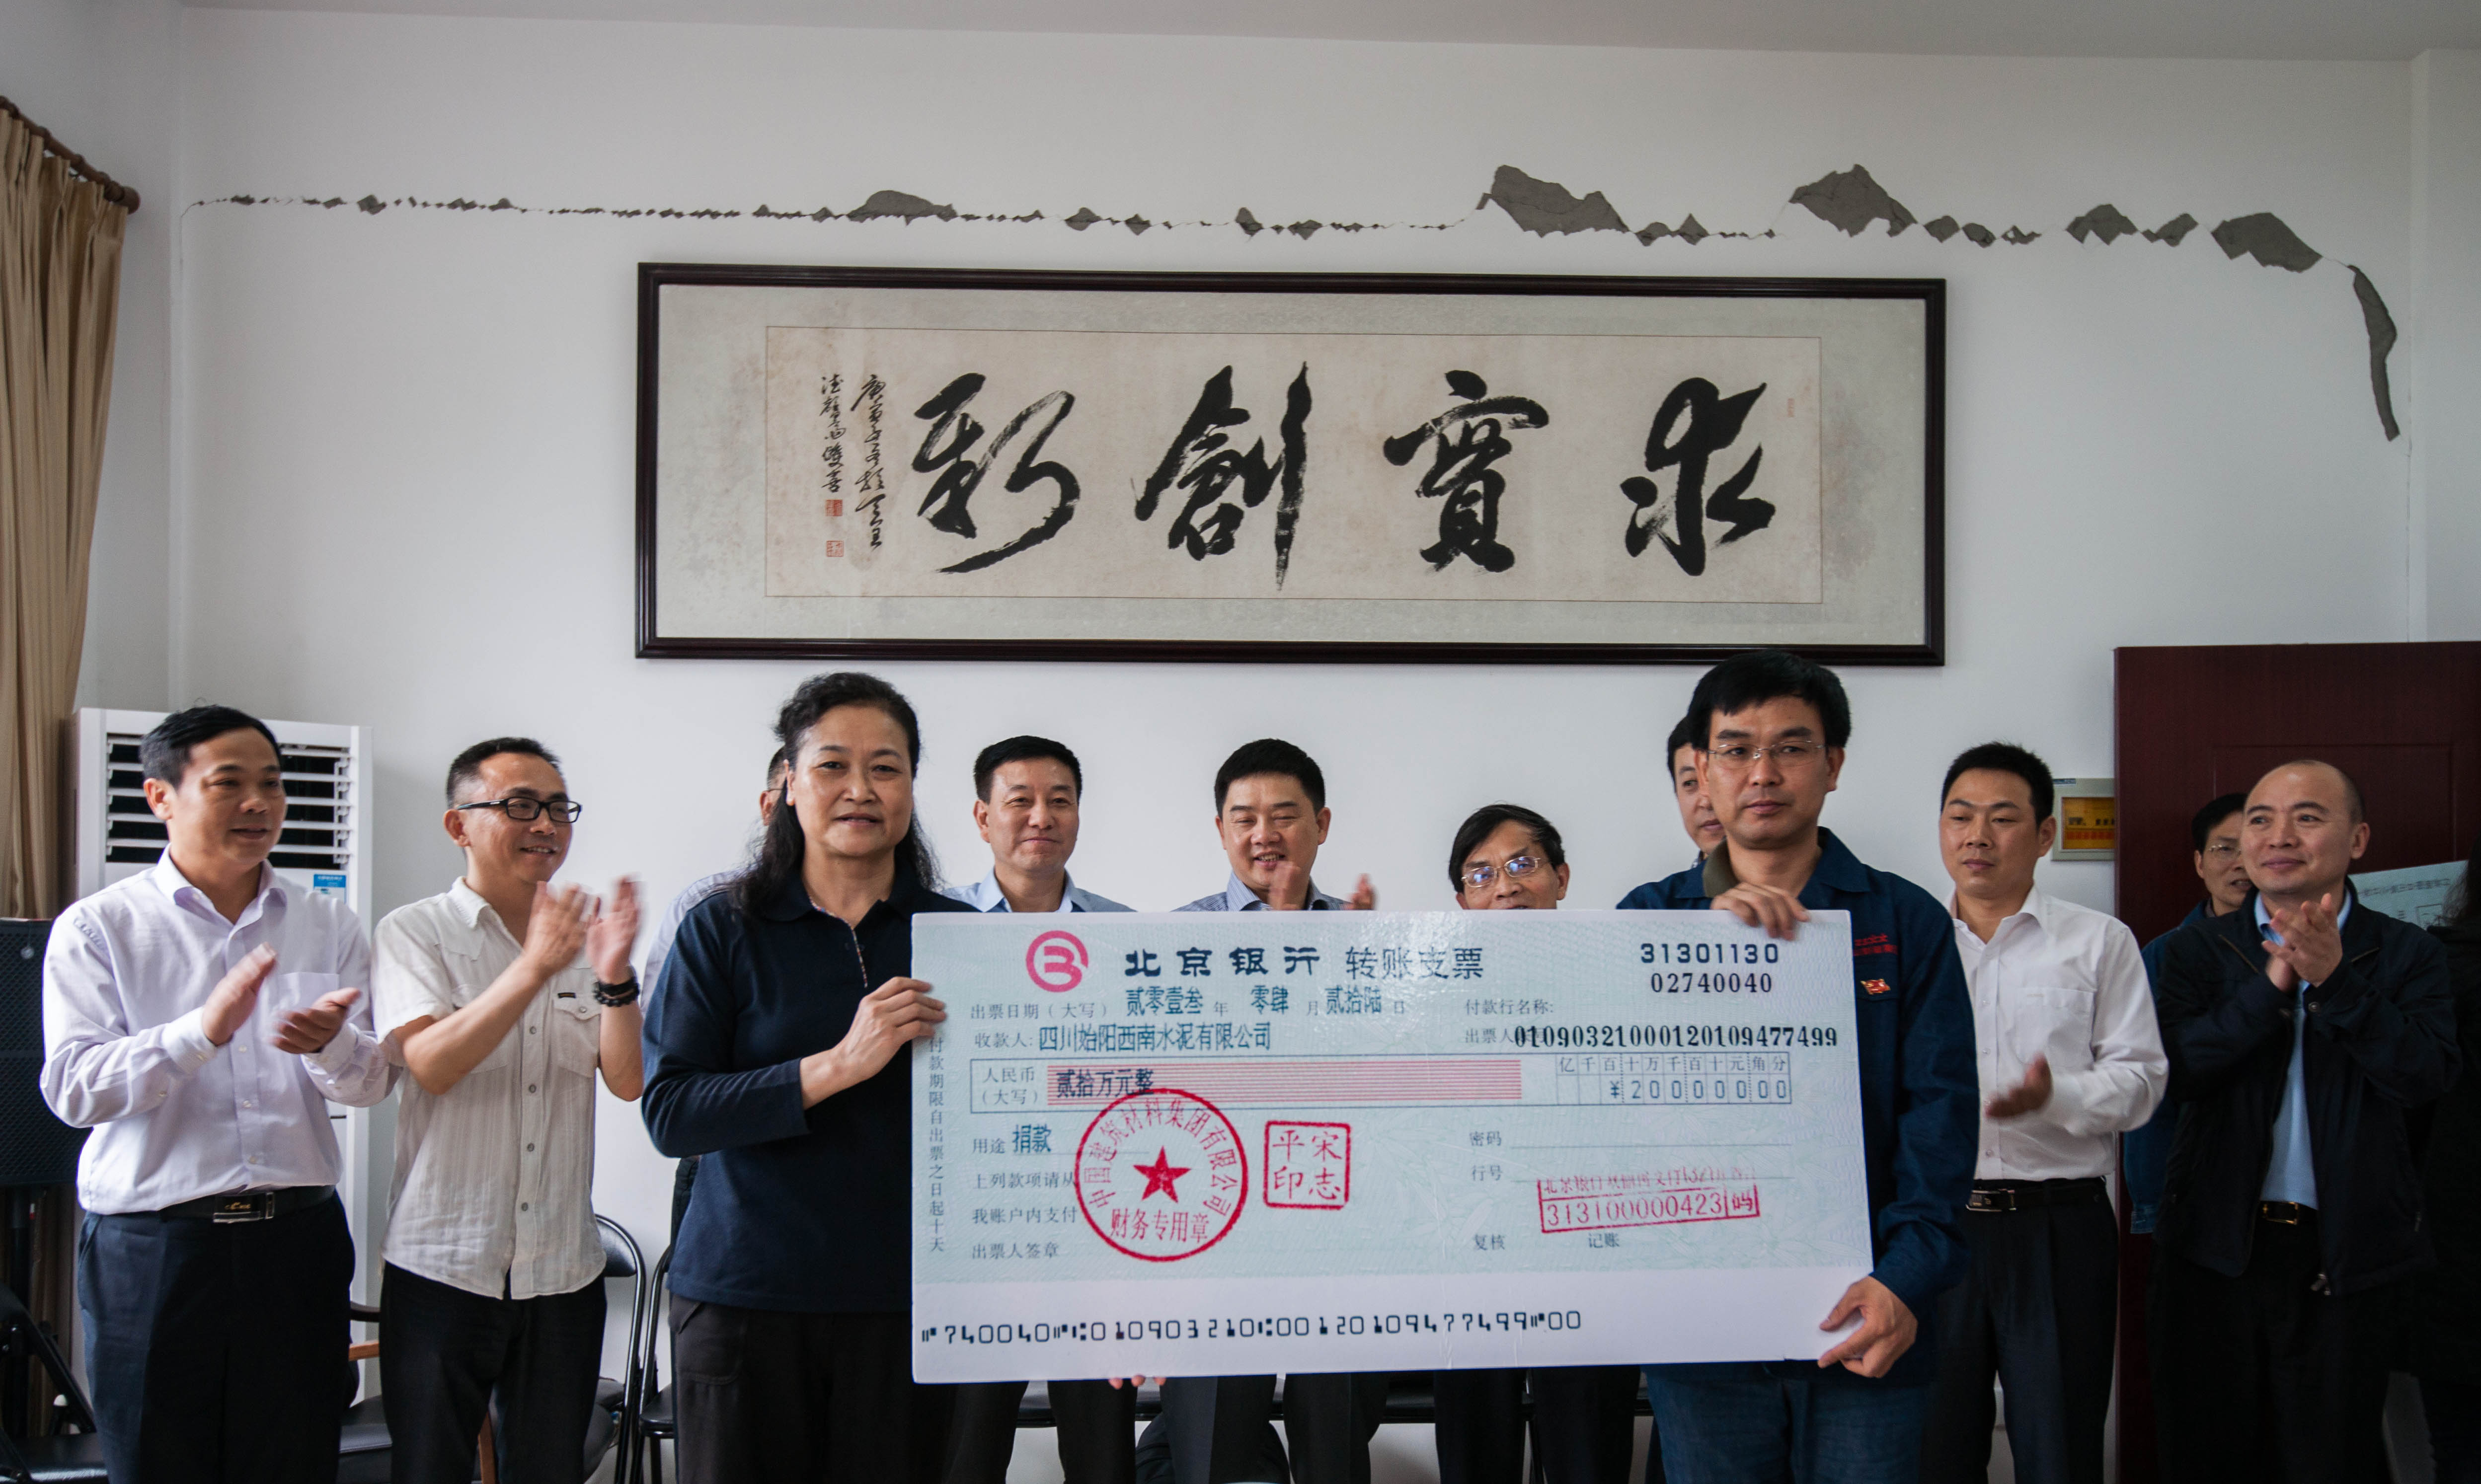 姚燕总经理一行赴雅安灾区慰问受灾成员企业及员工